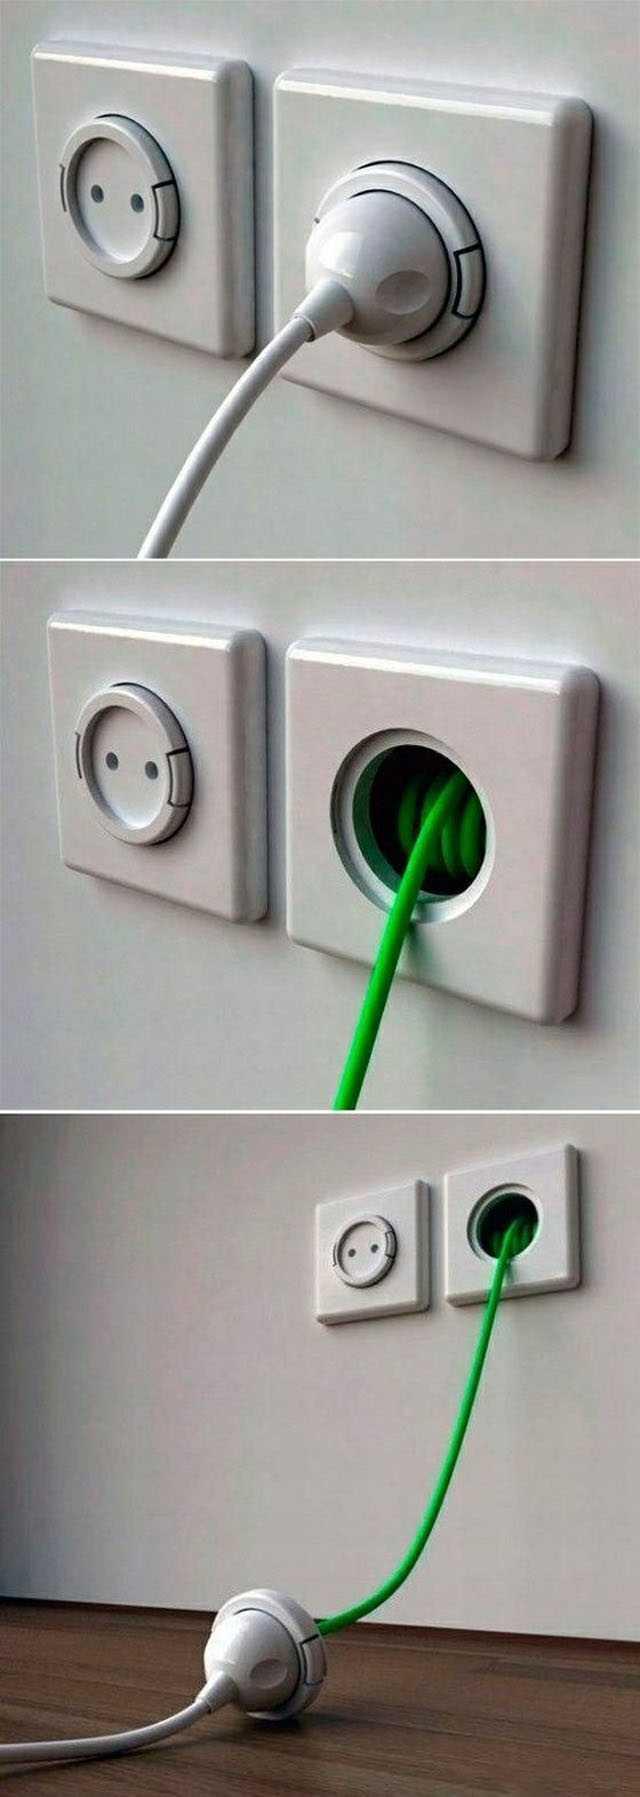 Simple And Genius Ideas